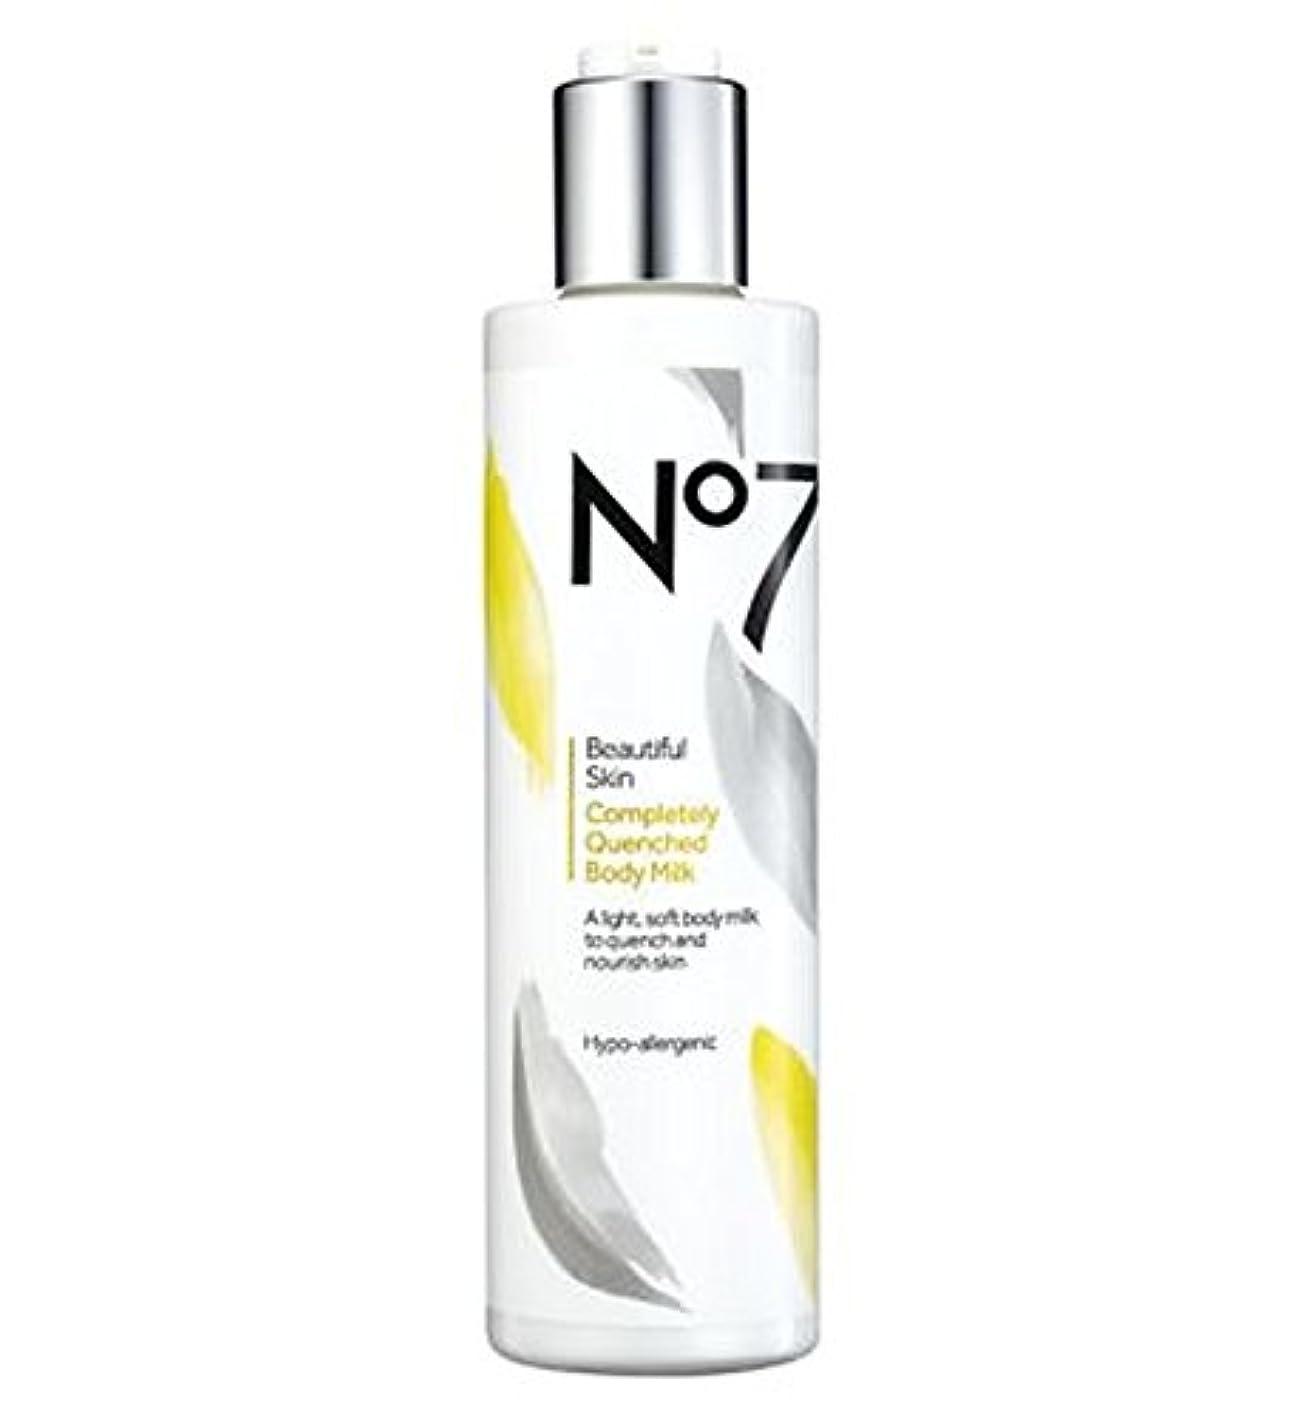 慣れる斧ジュニアNo7美しい肌完全に急冷ボディミルク (No7) (x2) - No7 Beautiful Skin Completely Quenched Body Milk (Pack of 2) [並行輸入品]